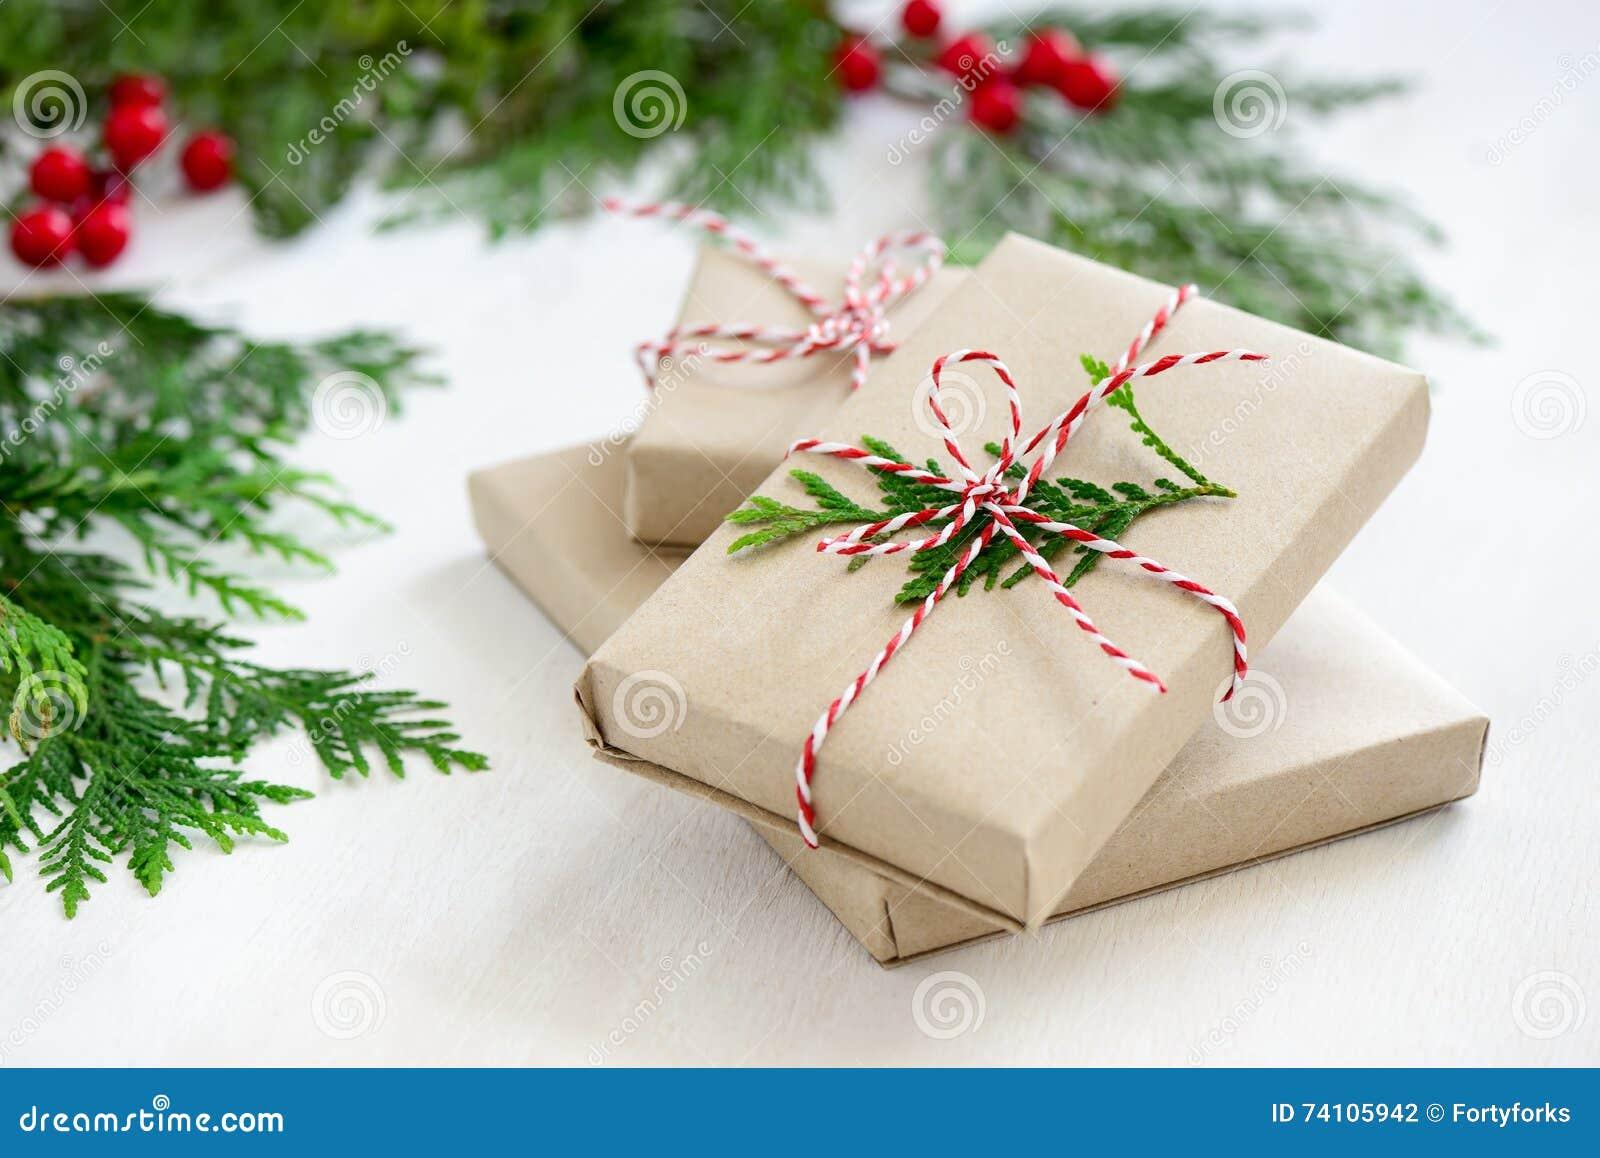 Σωρός δώρων Χριστουγέννων